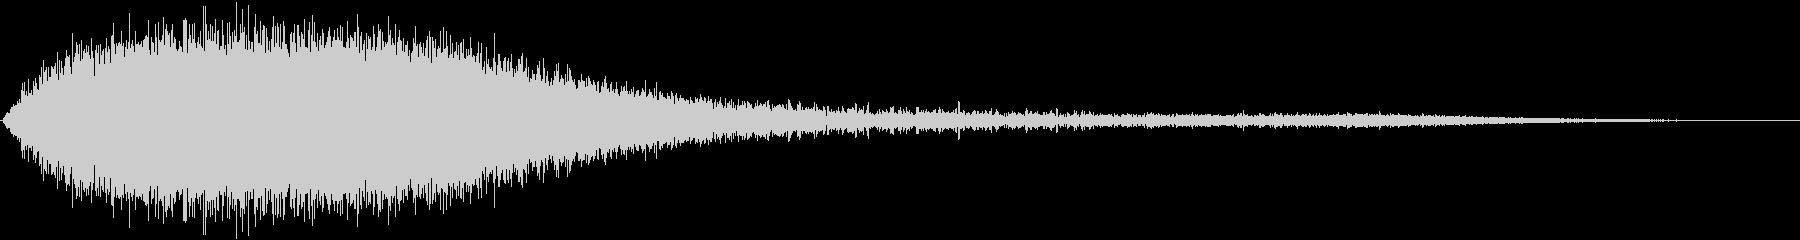 【音楽制作用】ノイズ FX_03の未再生の波形